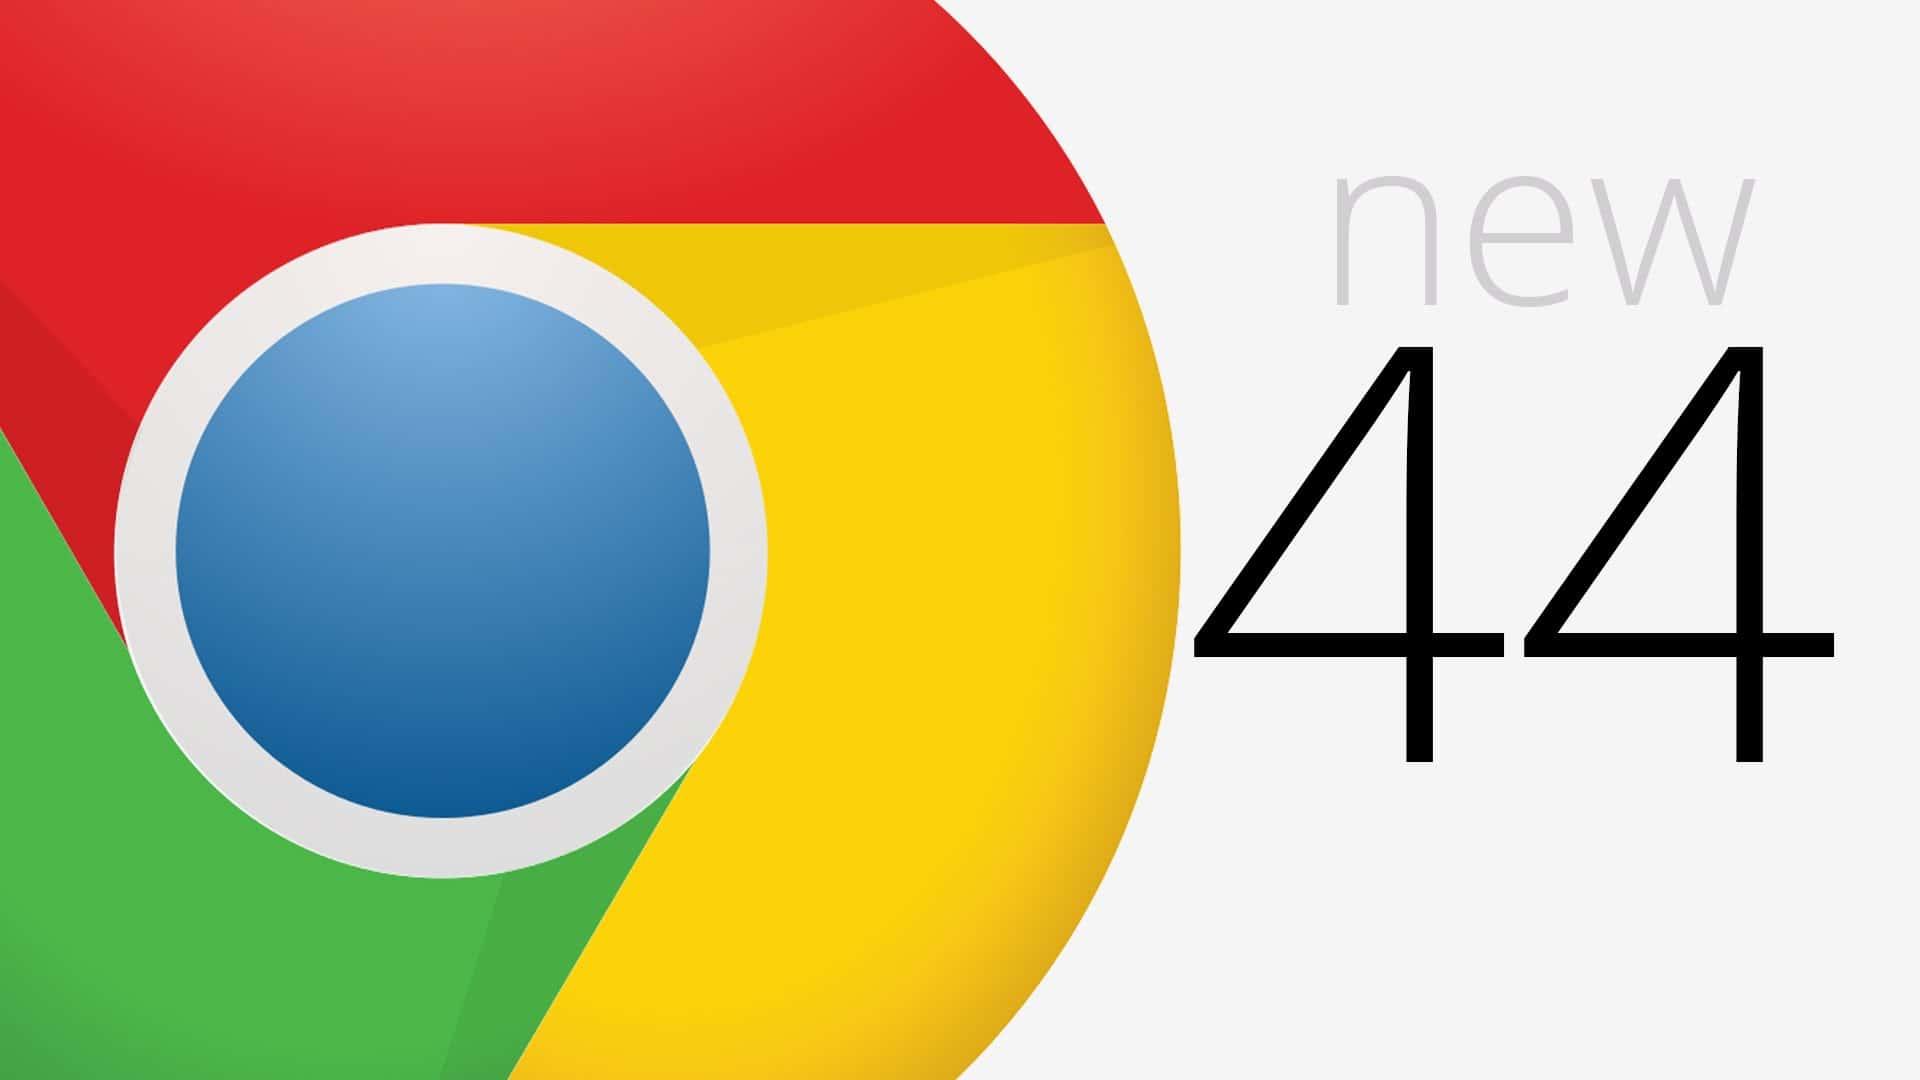 Chrome 44